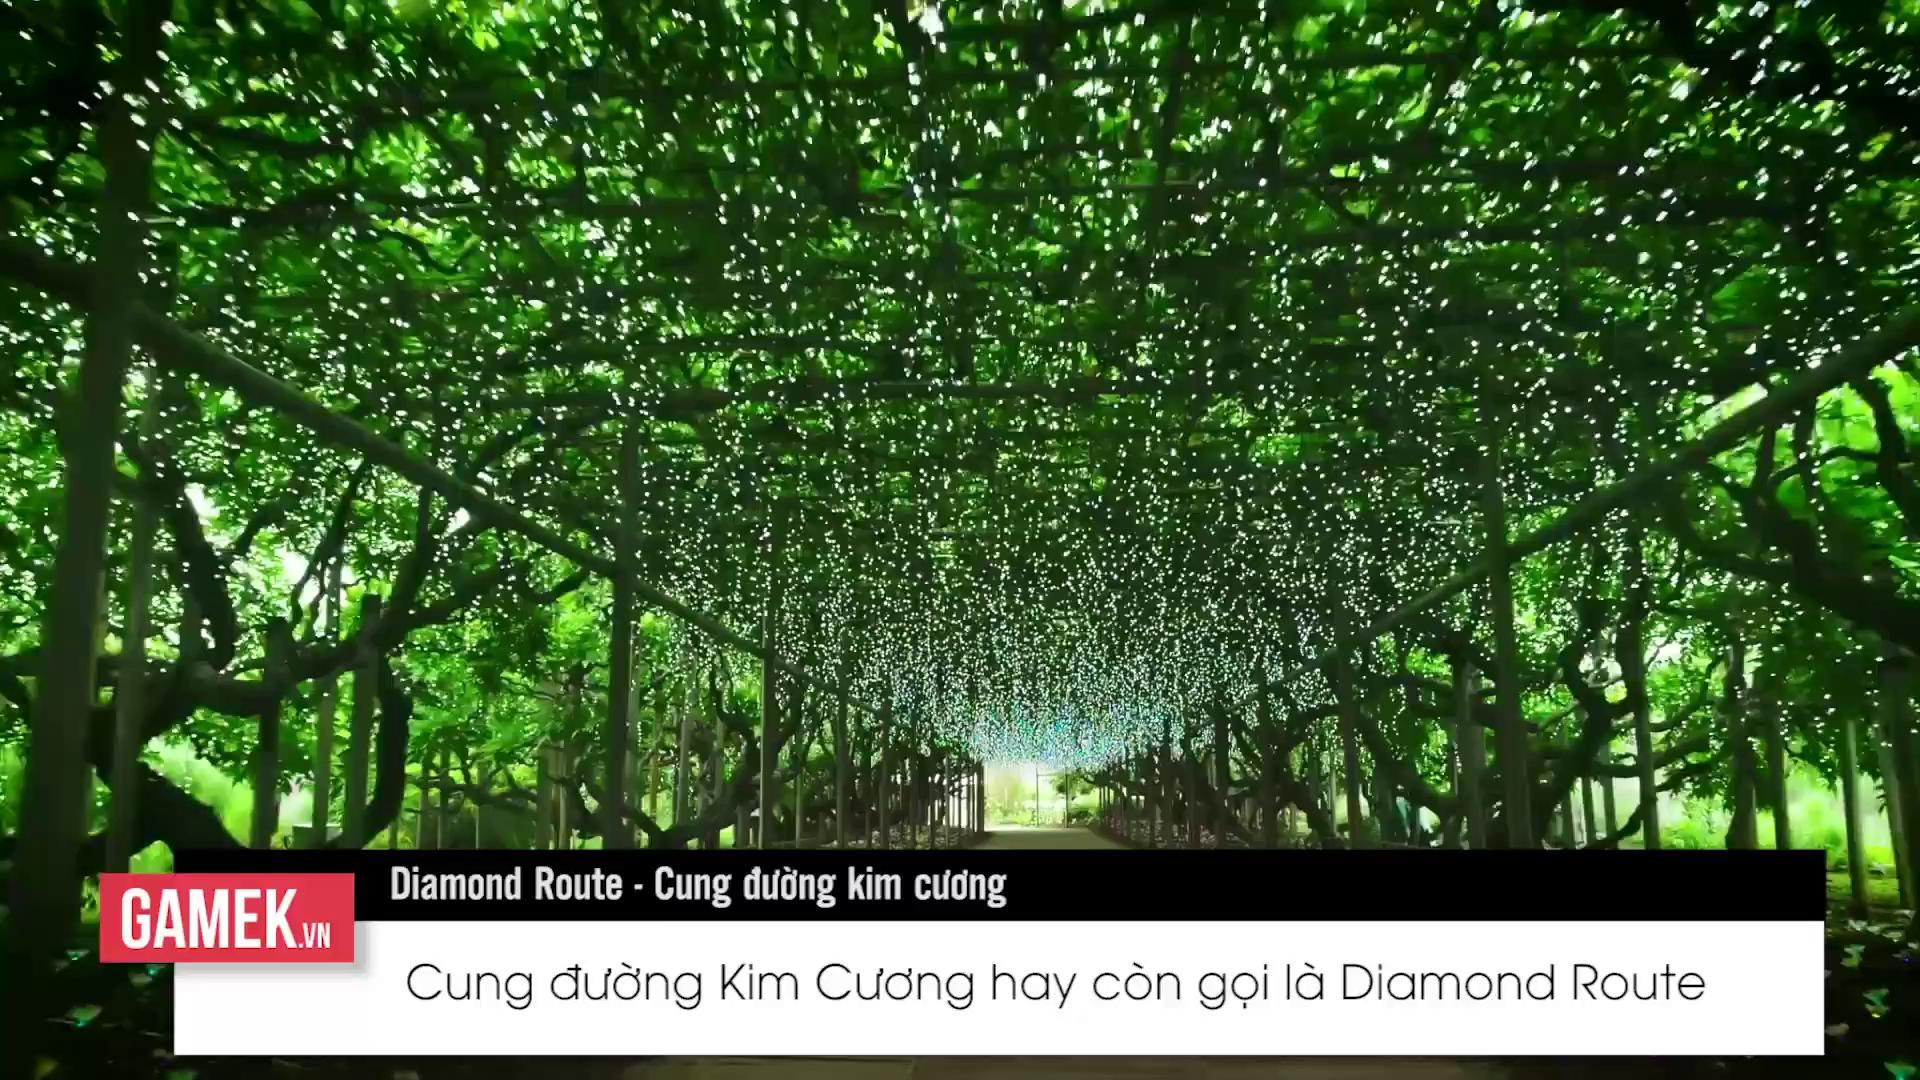 Cùng đến với Cung đường Kim cương, hành trình khám phá thế giới Nhật Bản vô cùng kỳ thú